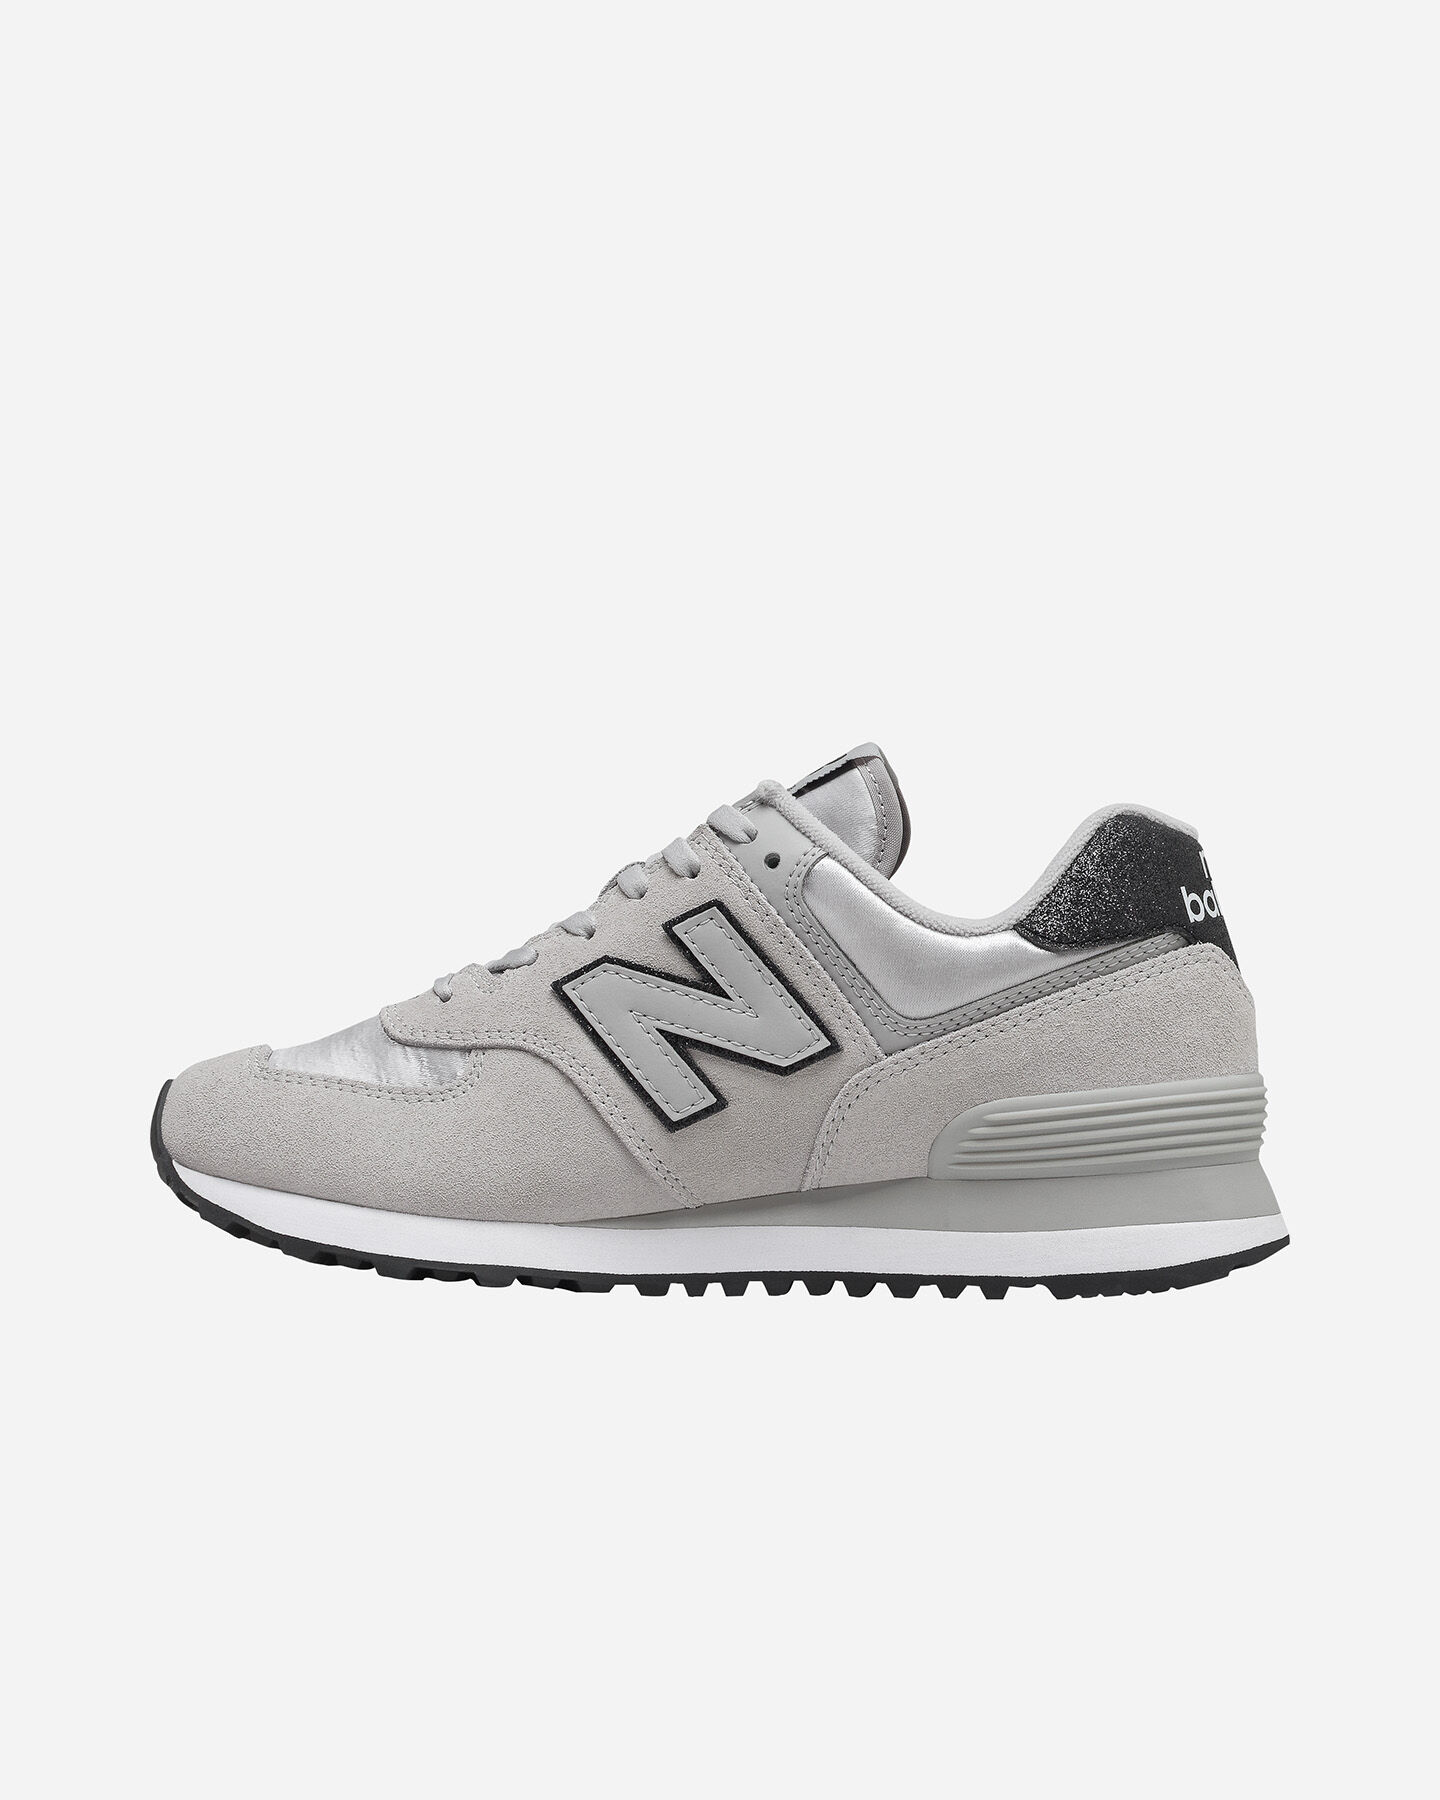 Scarpe sneakers NEW BALANCE 574 W S5290164 scatto 3